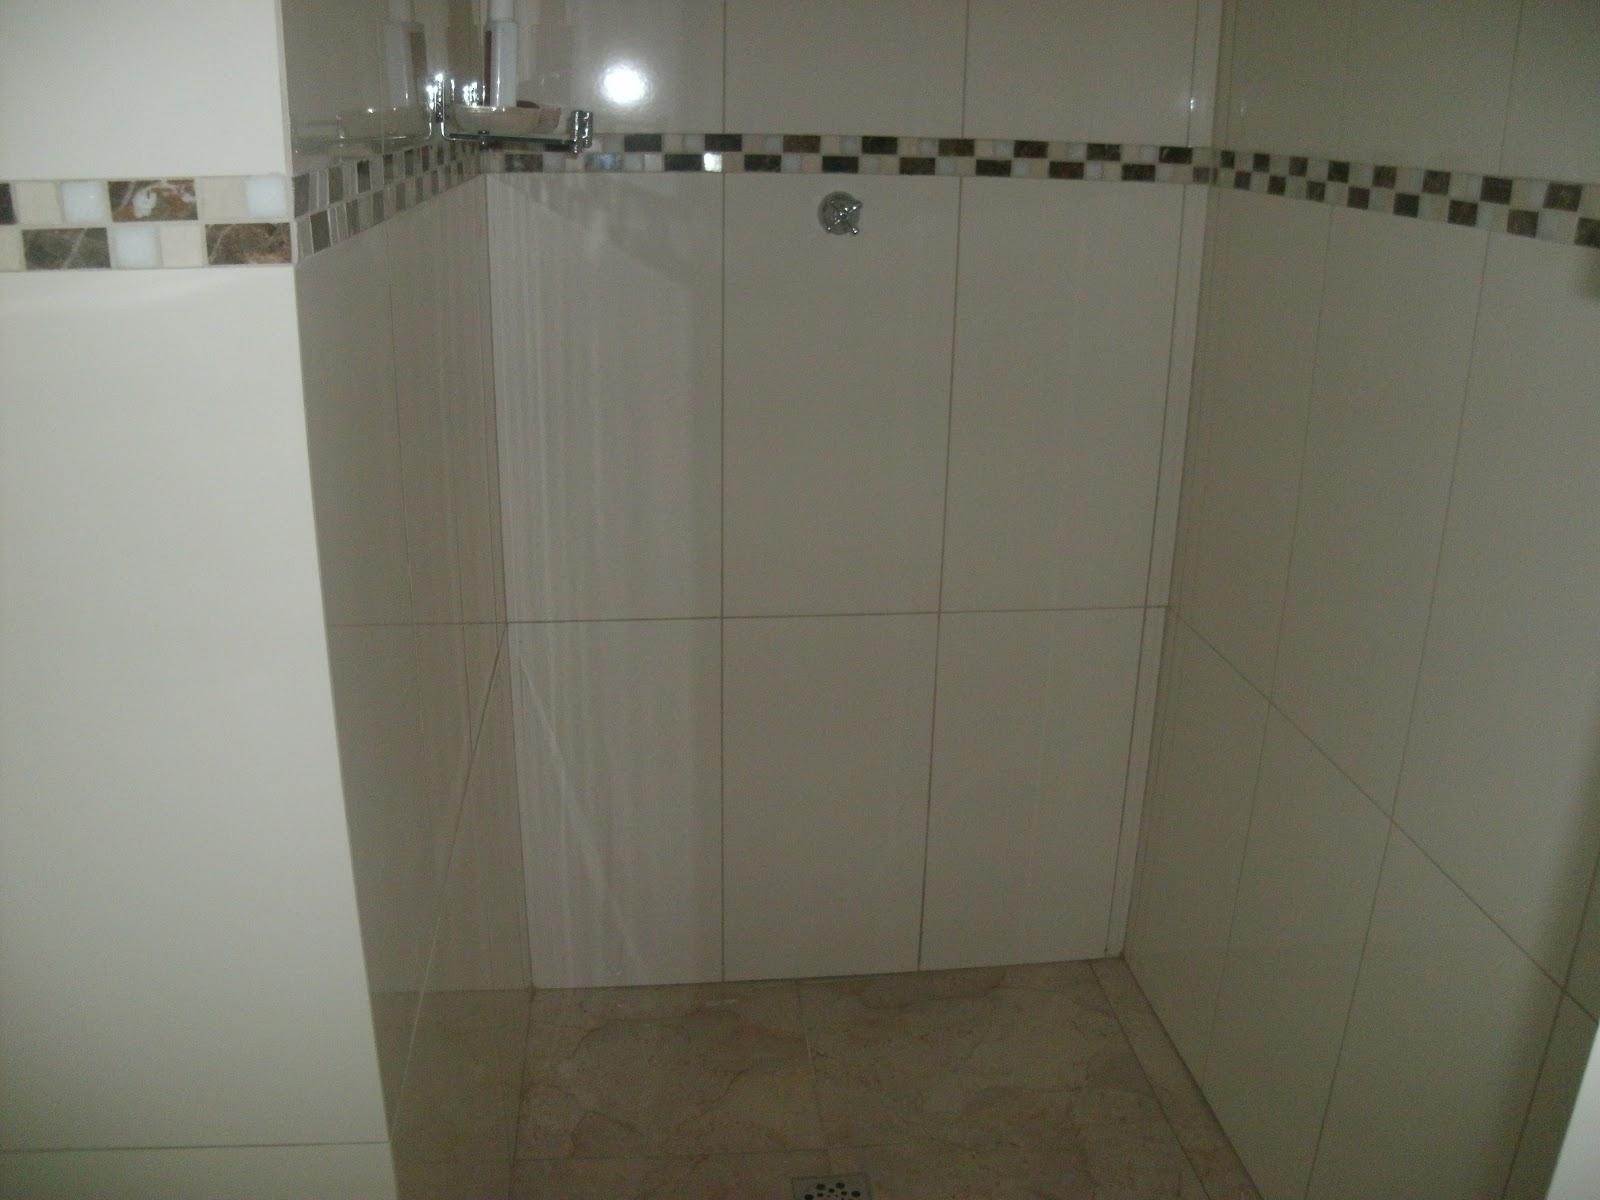 Piso e azulejo retificado e border pastilha de vidro. #4B4533 1600x1200 Banheiro Com Azulejo Retificado